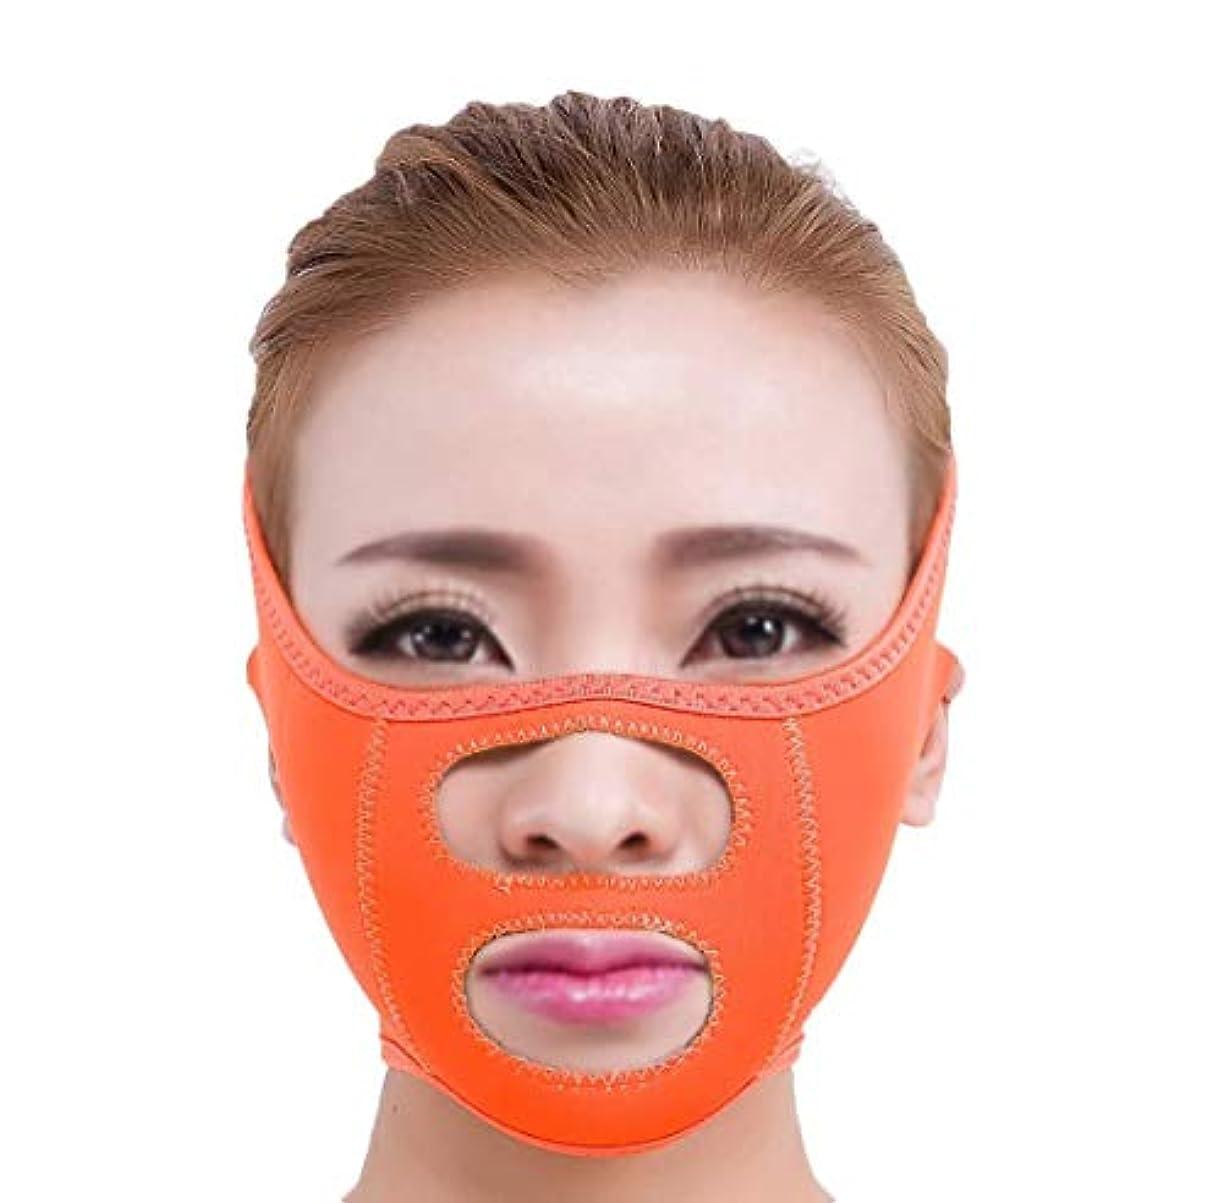 マイクロフォンジャンルパトロンスリミングベルト、フェイシャルマスク薄い顔マスク睡眠薄い顔マスク薄い顔包帯薄い顔アーティファクト薄い顔顔リフティング薄い顔小さなV顔睡眠薄い顔ベルト